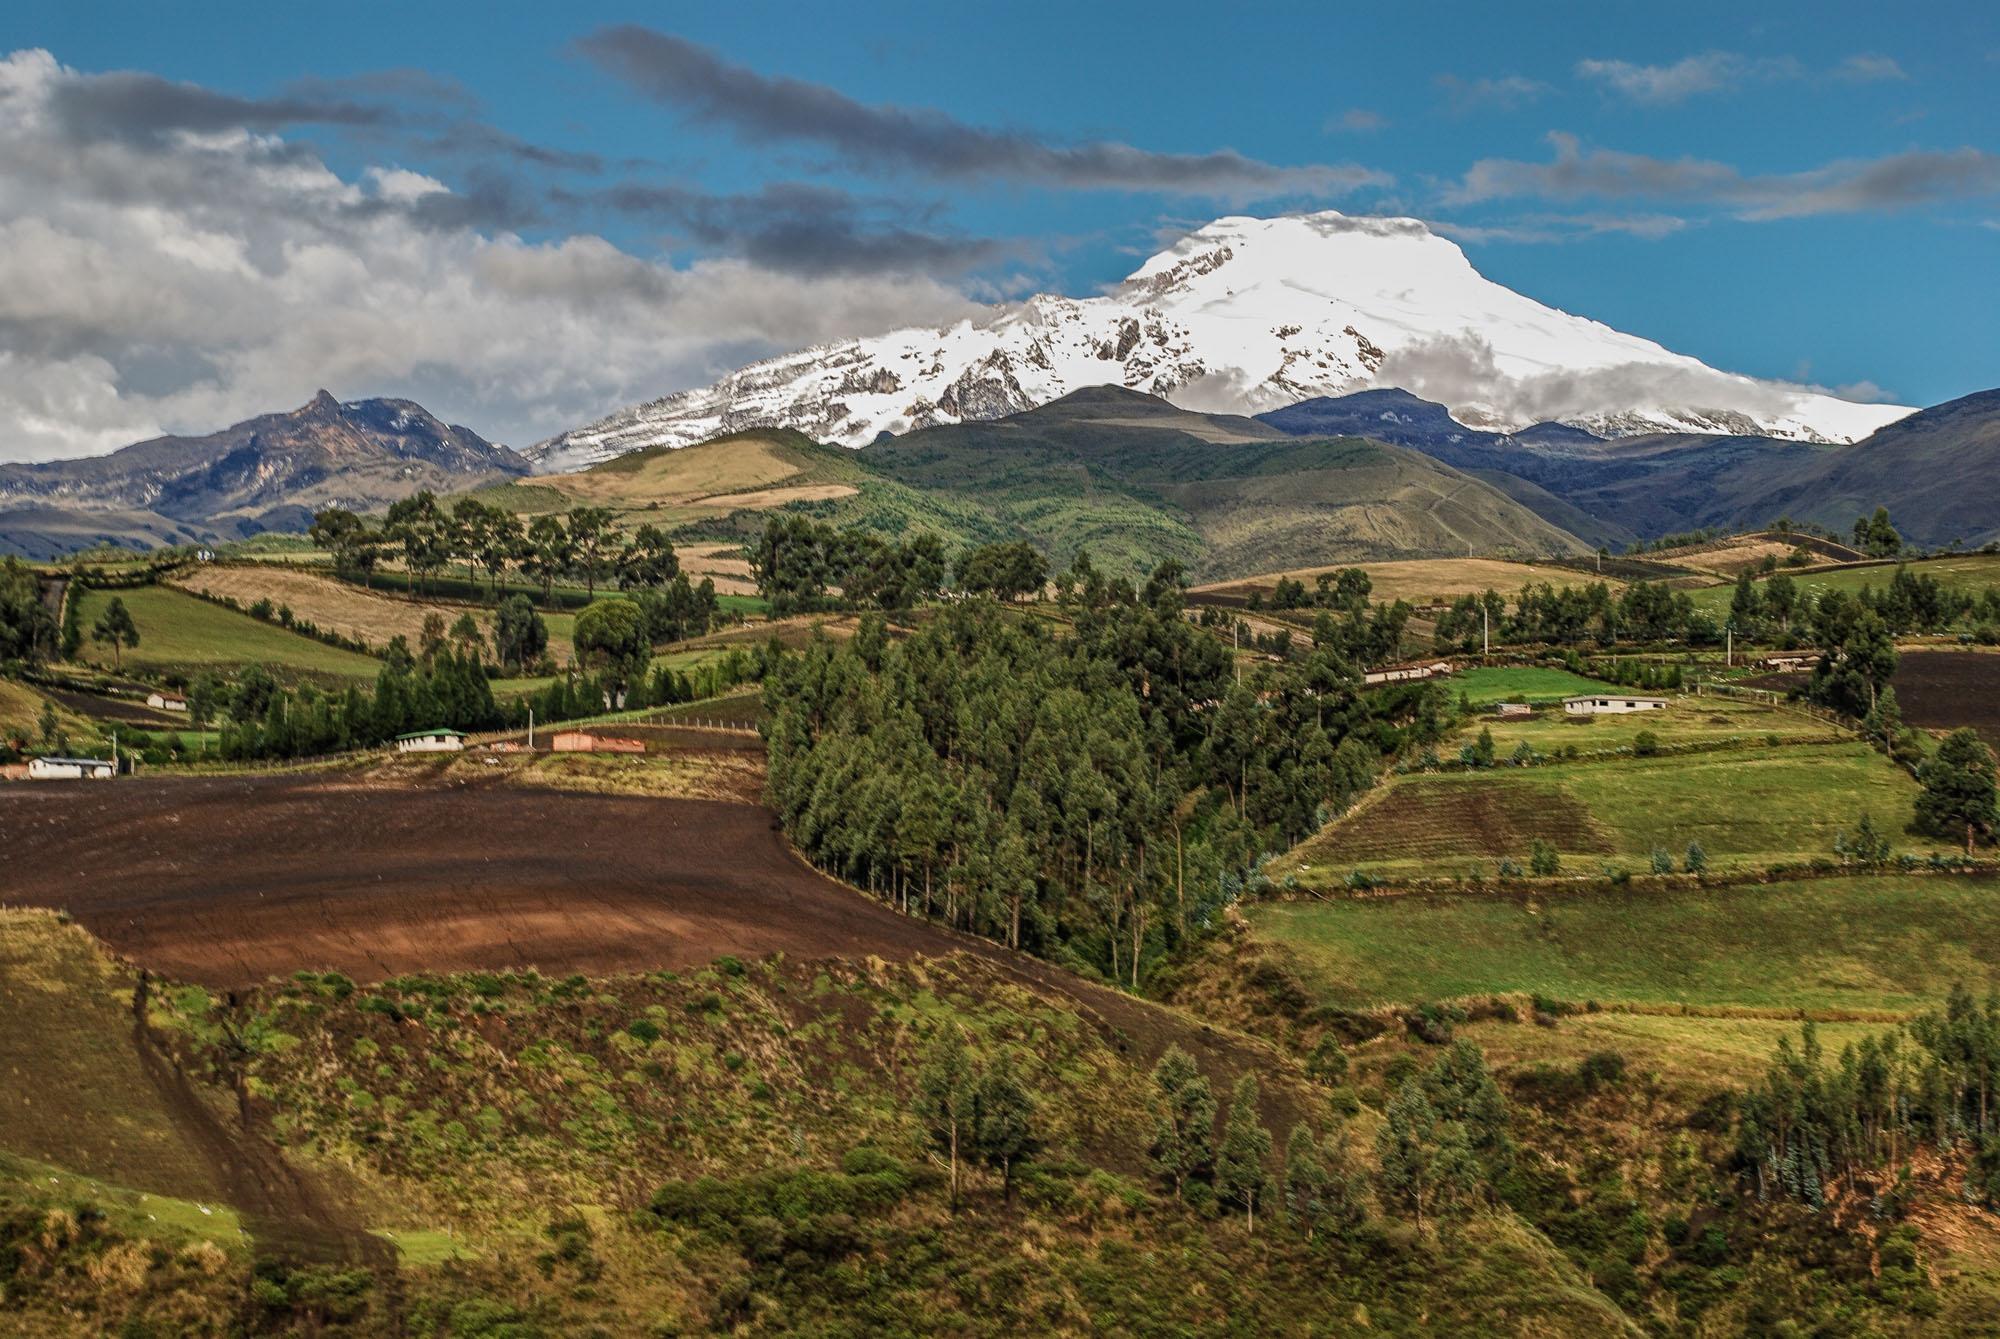 Ecotourisme-voyages-alternatifs-Equateur-En-liberte-6.jpg